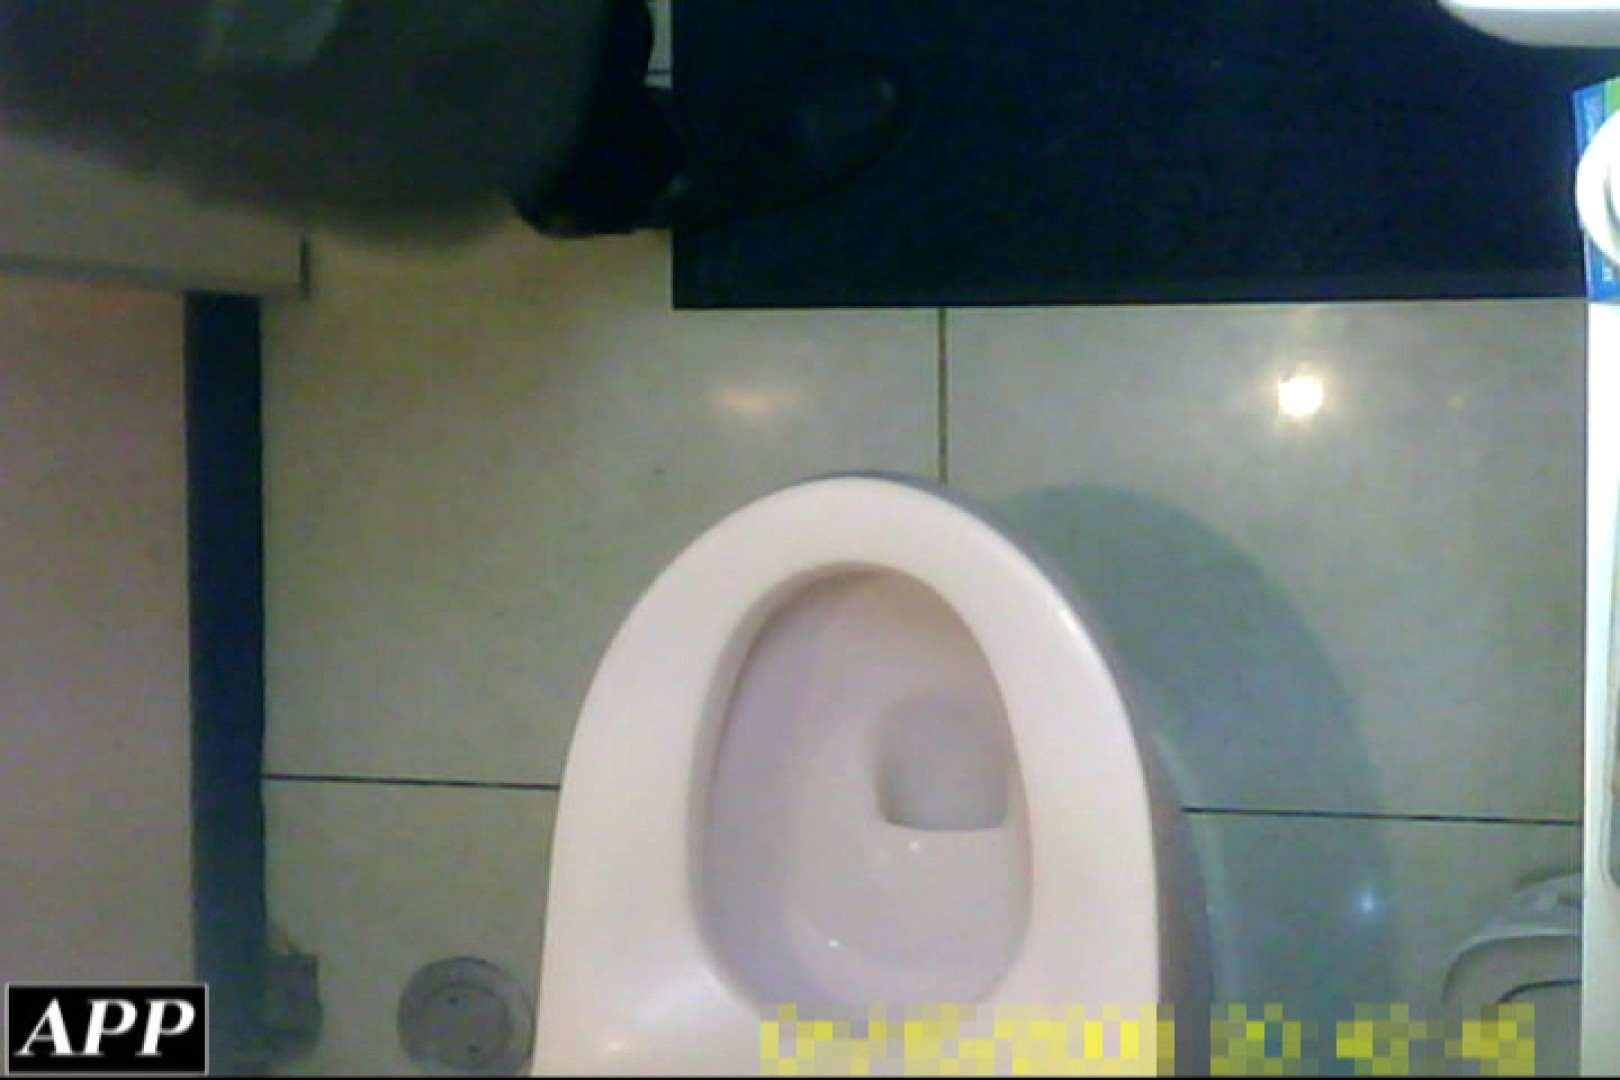 3視点洗面所 vol.068 OLエロ画像 | 洗面所  78PICs 73